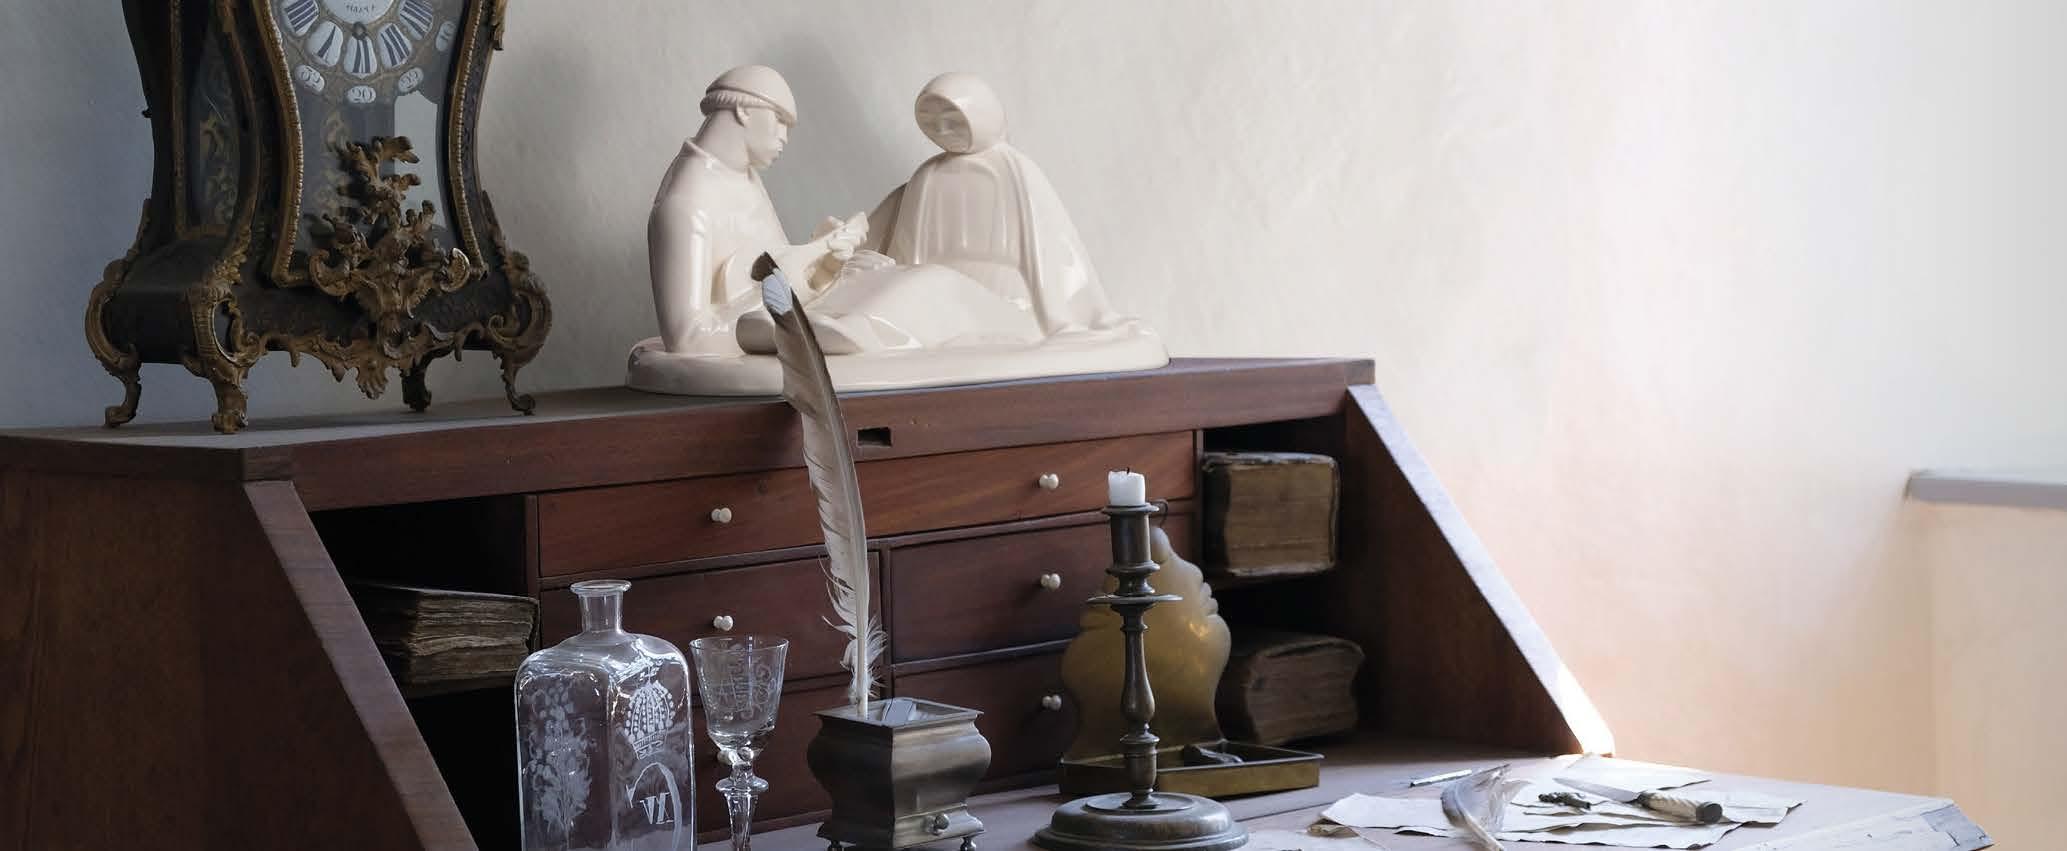 Porzellanskulptur russisches Liebespaar